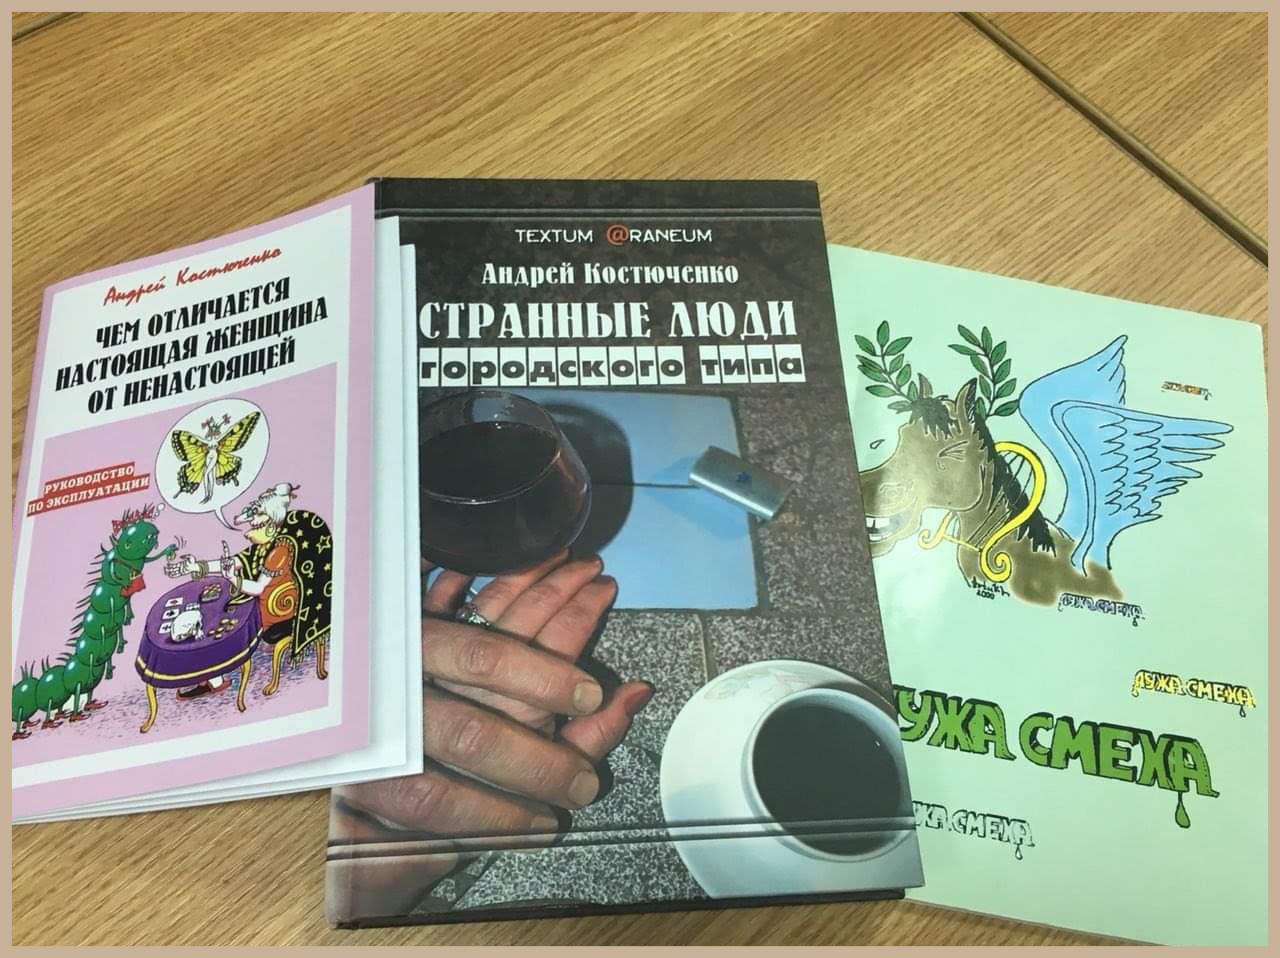 РУССКОЯЗЫЧНЫЕ ПИСАТЕЛИ И ПОЭТЫ УКРАИНЫ: творческое досье Андрея Костюченко